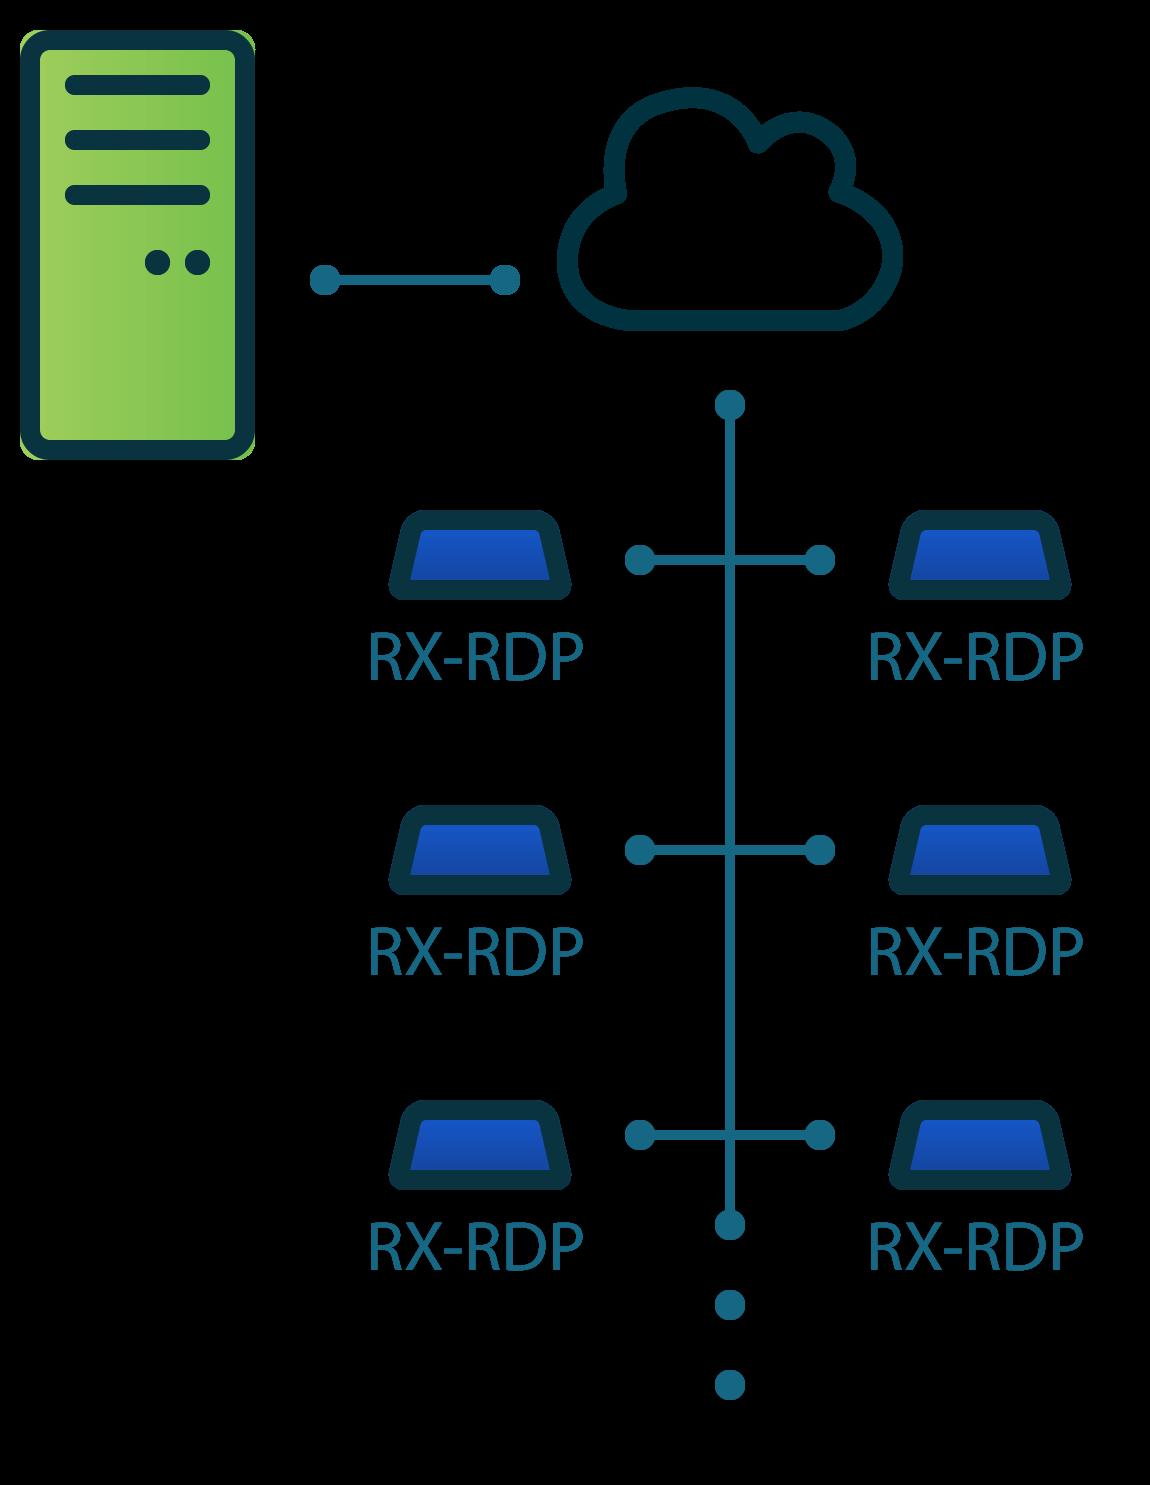 RX-RDP Architecture